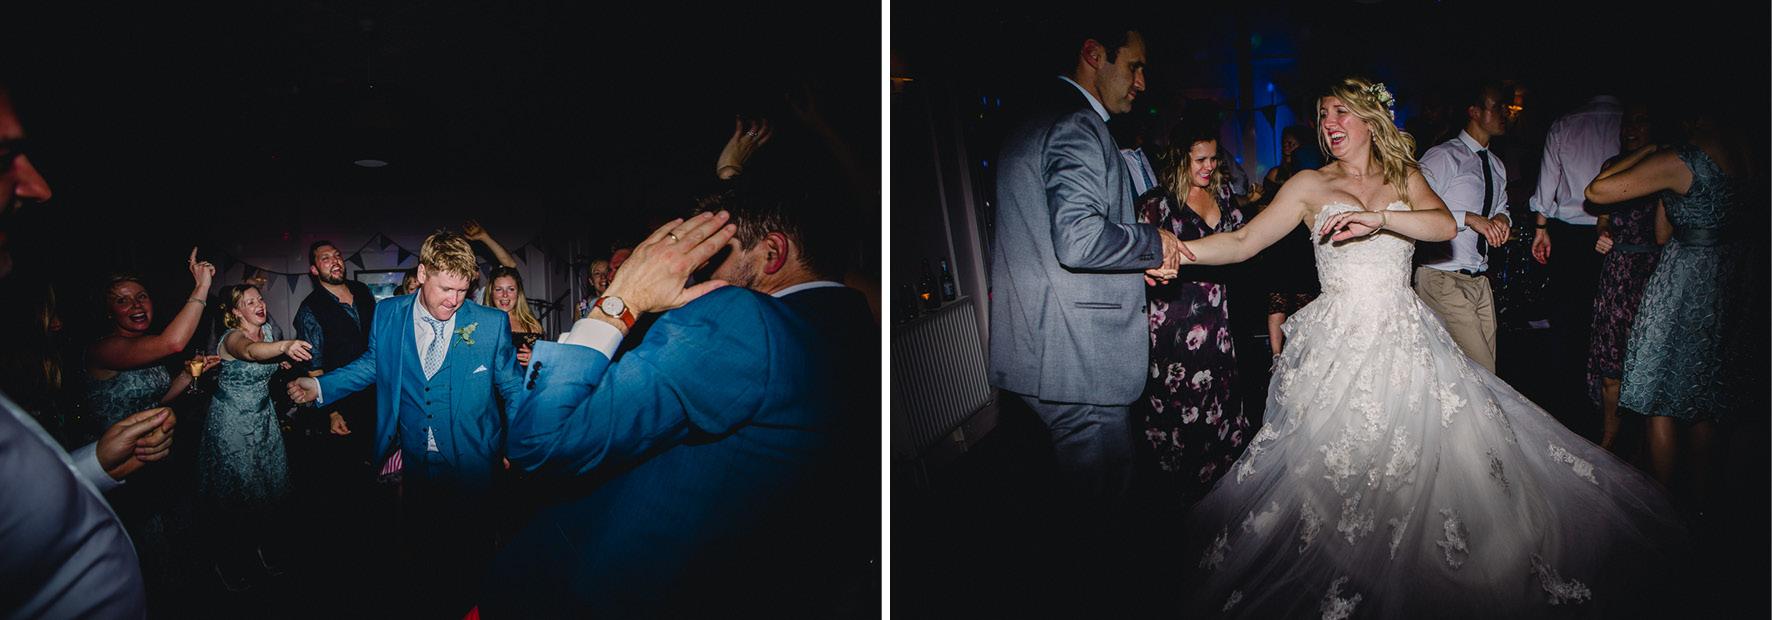 Devon_Wedding_Photographer_Dancefloor3.jpg